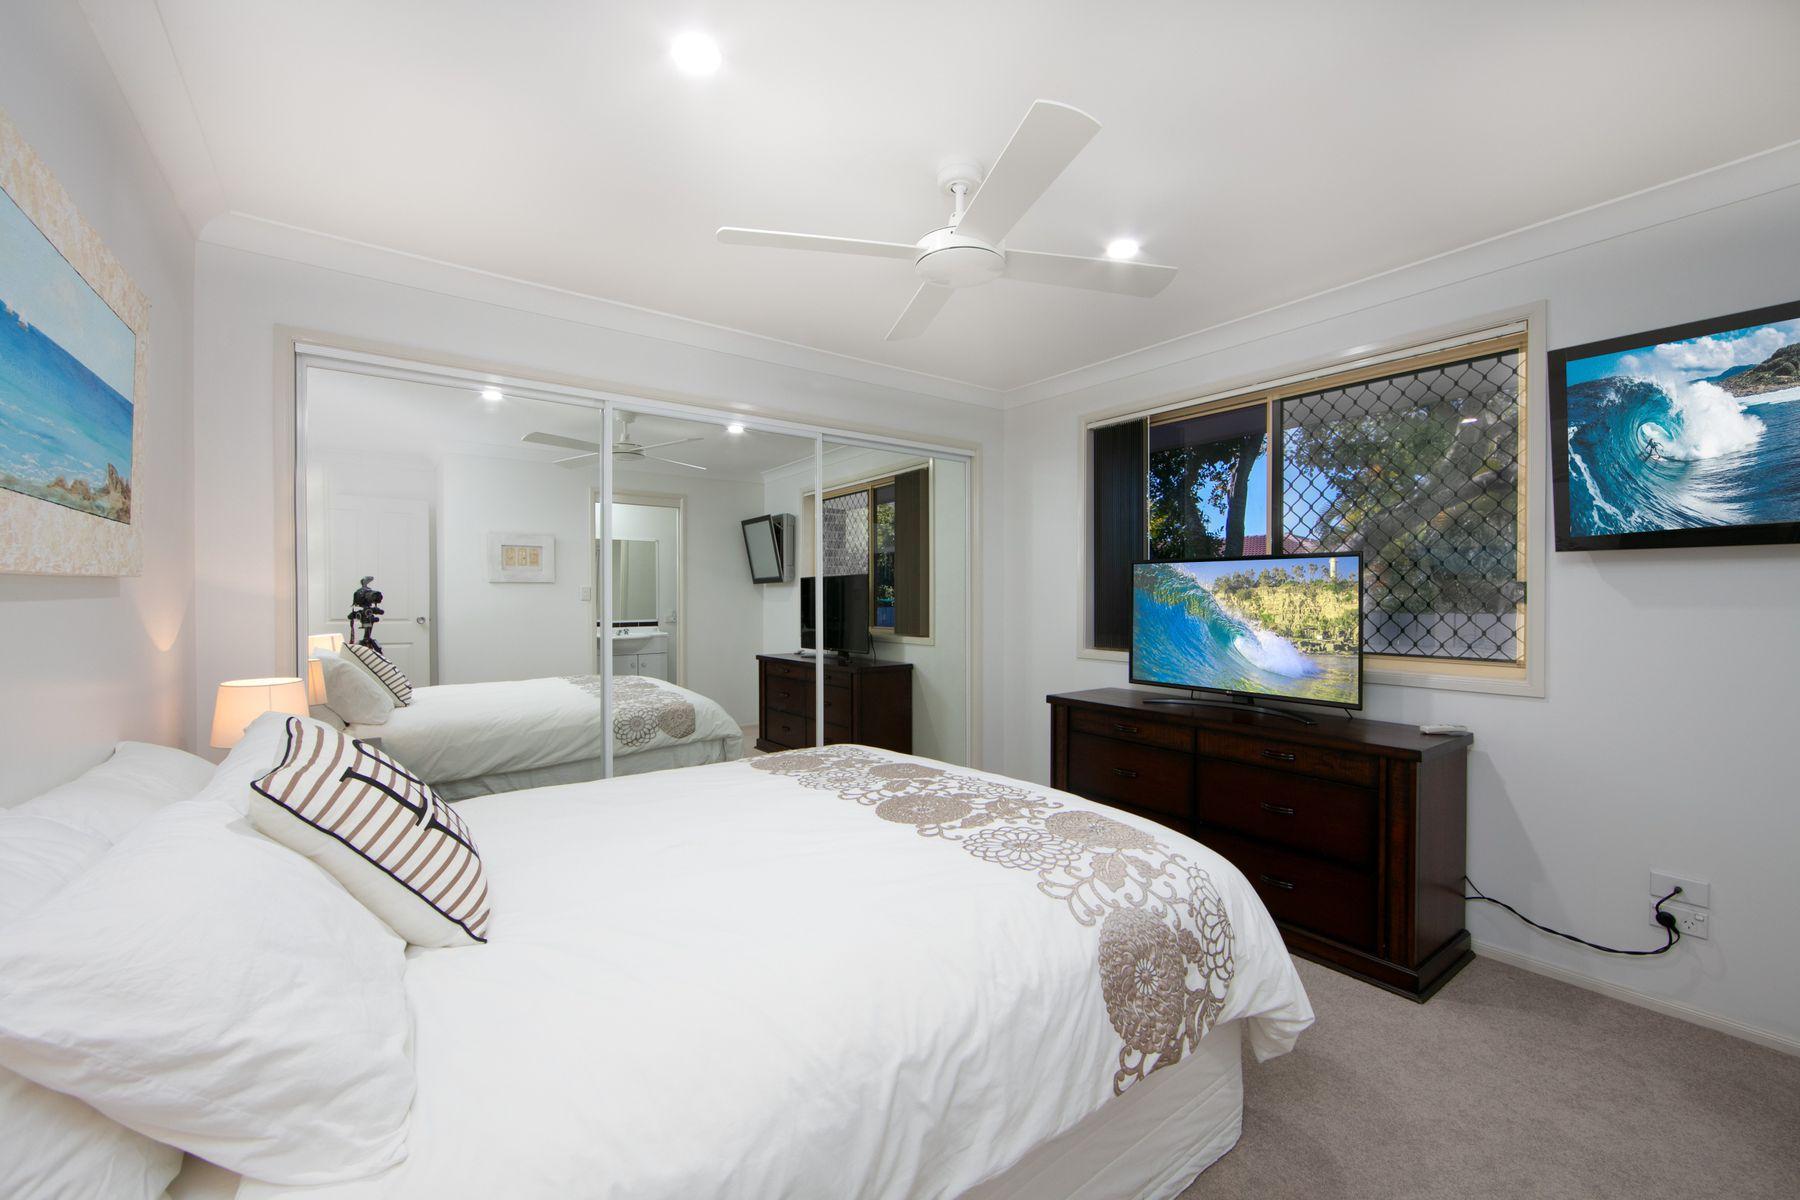 2A The Mainbrace, Yamba, NSW 2464